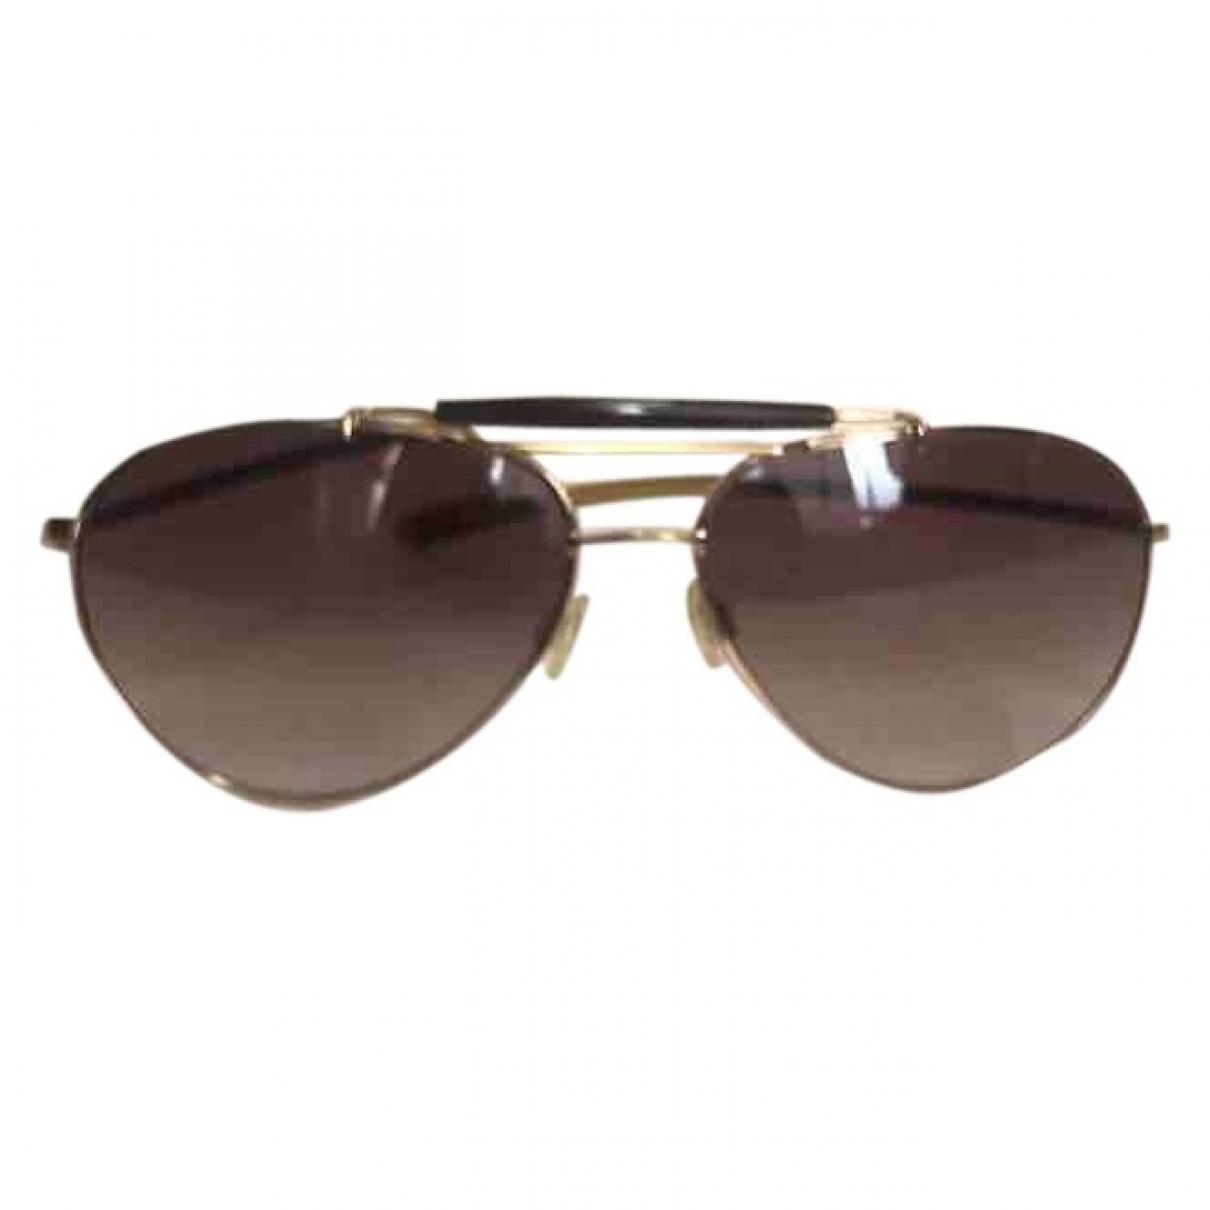 D&g \N Sonnenbrillen Gold